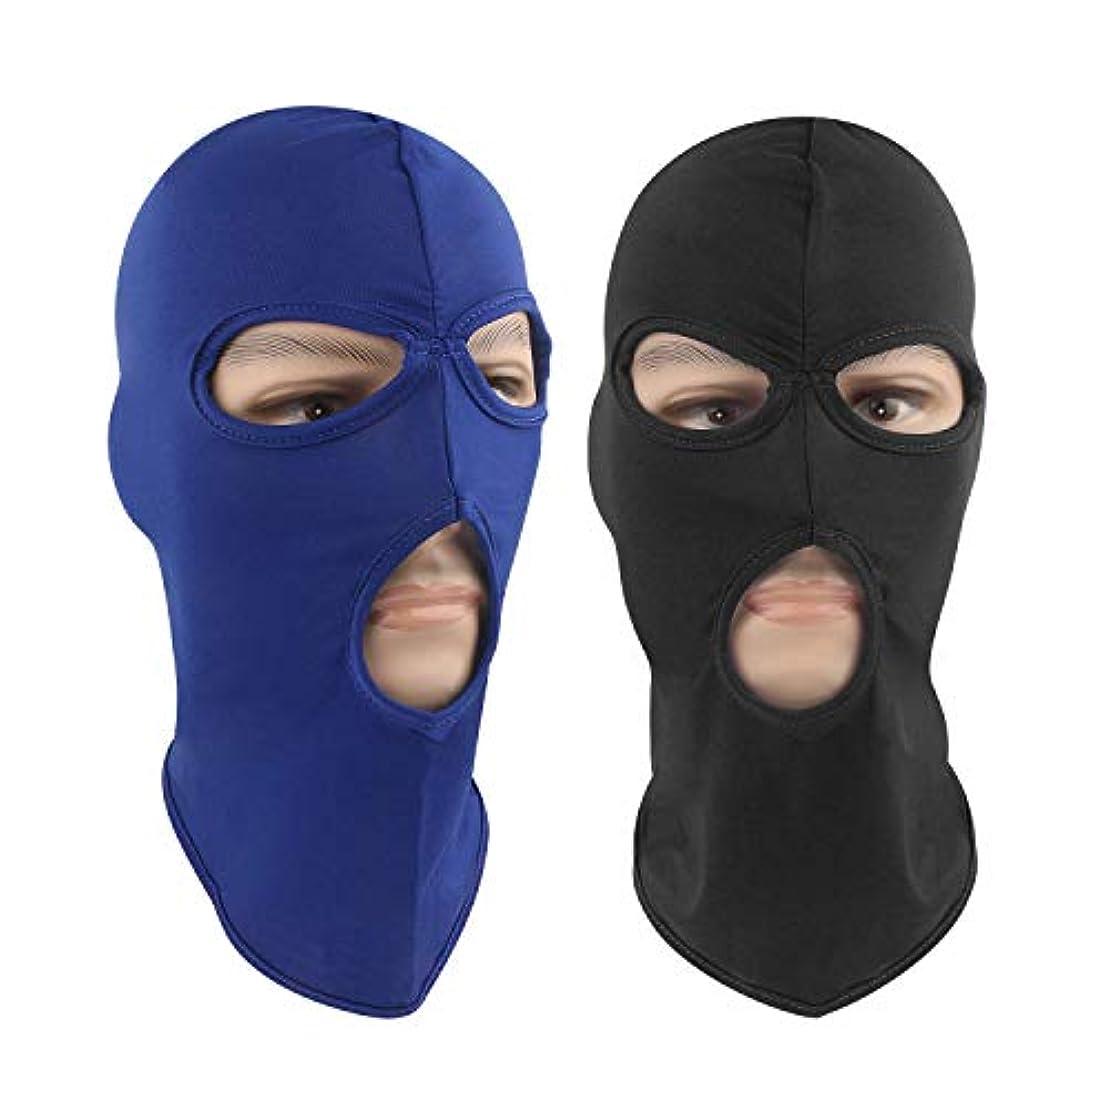 ライトニングすり若いバラクラバマスク3ホール式 伸縮速乾 柔軟軽量 保温通気 UVカット 防風 フルフェイスマスク,ブラック+ブルー,2個